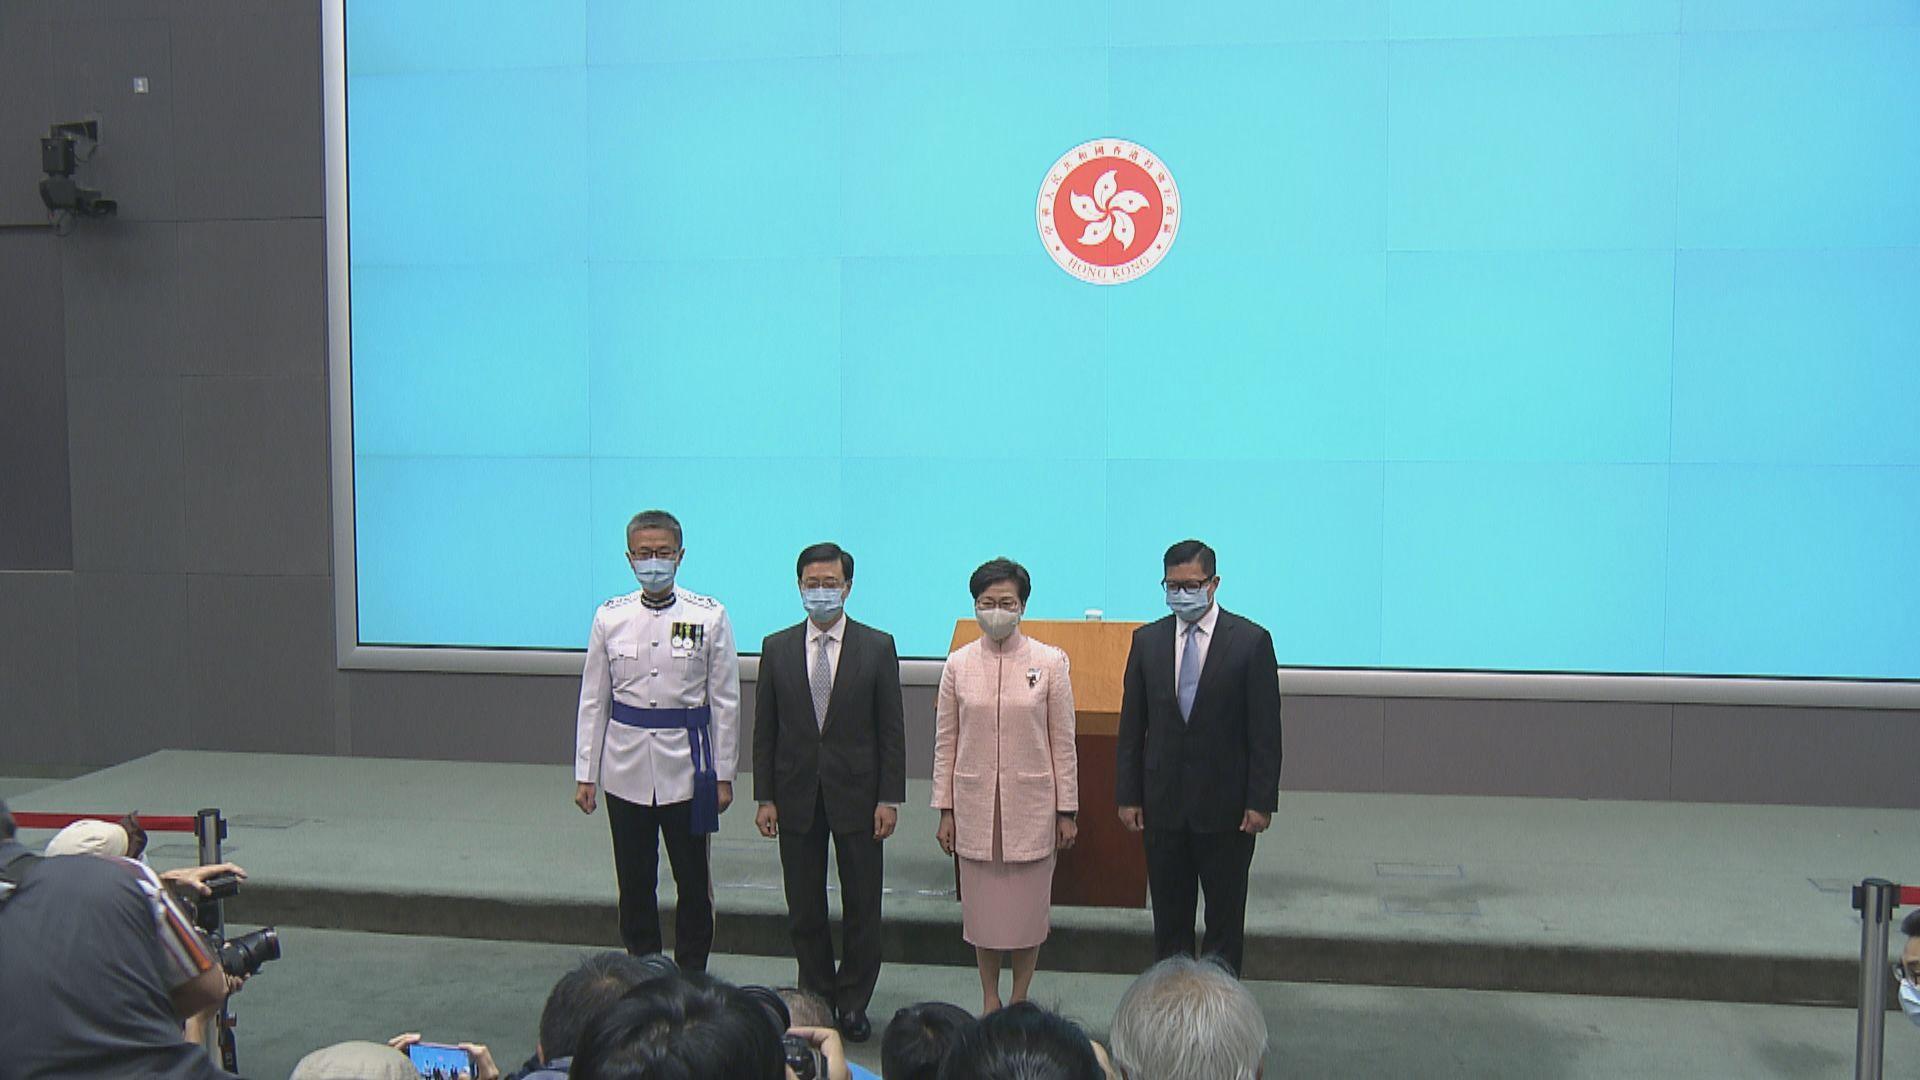 林鄭:香港由亂轉治 相信三人能為國家及香港作更大貢獻